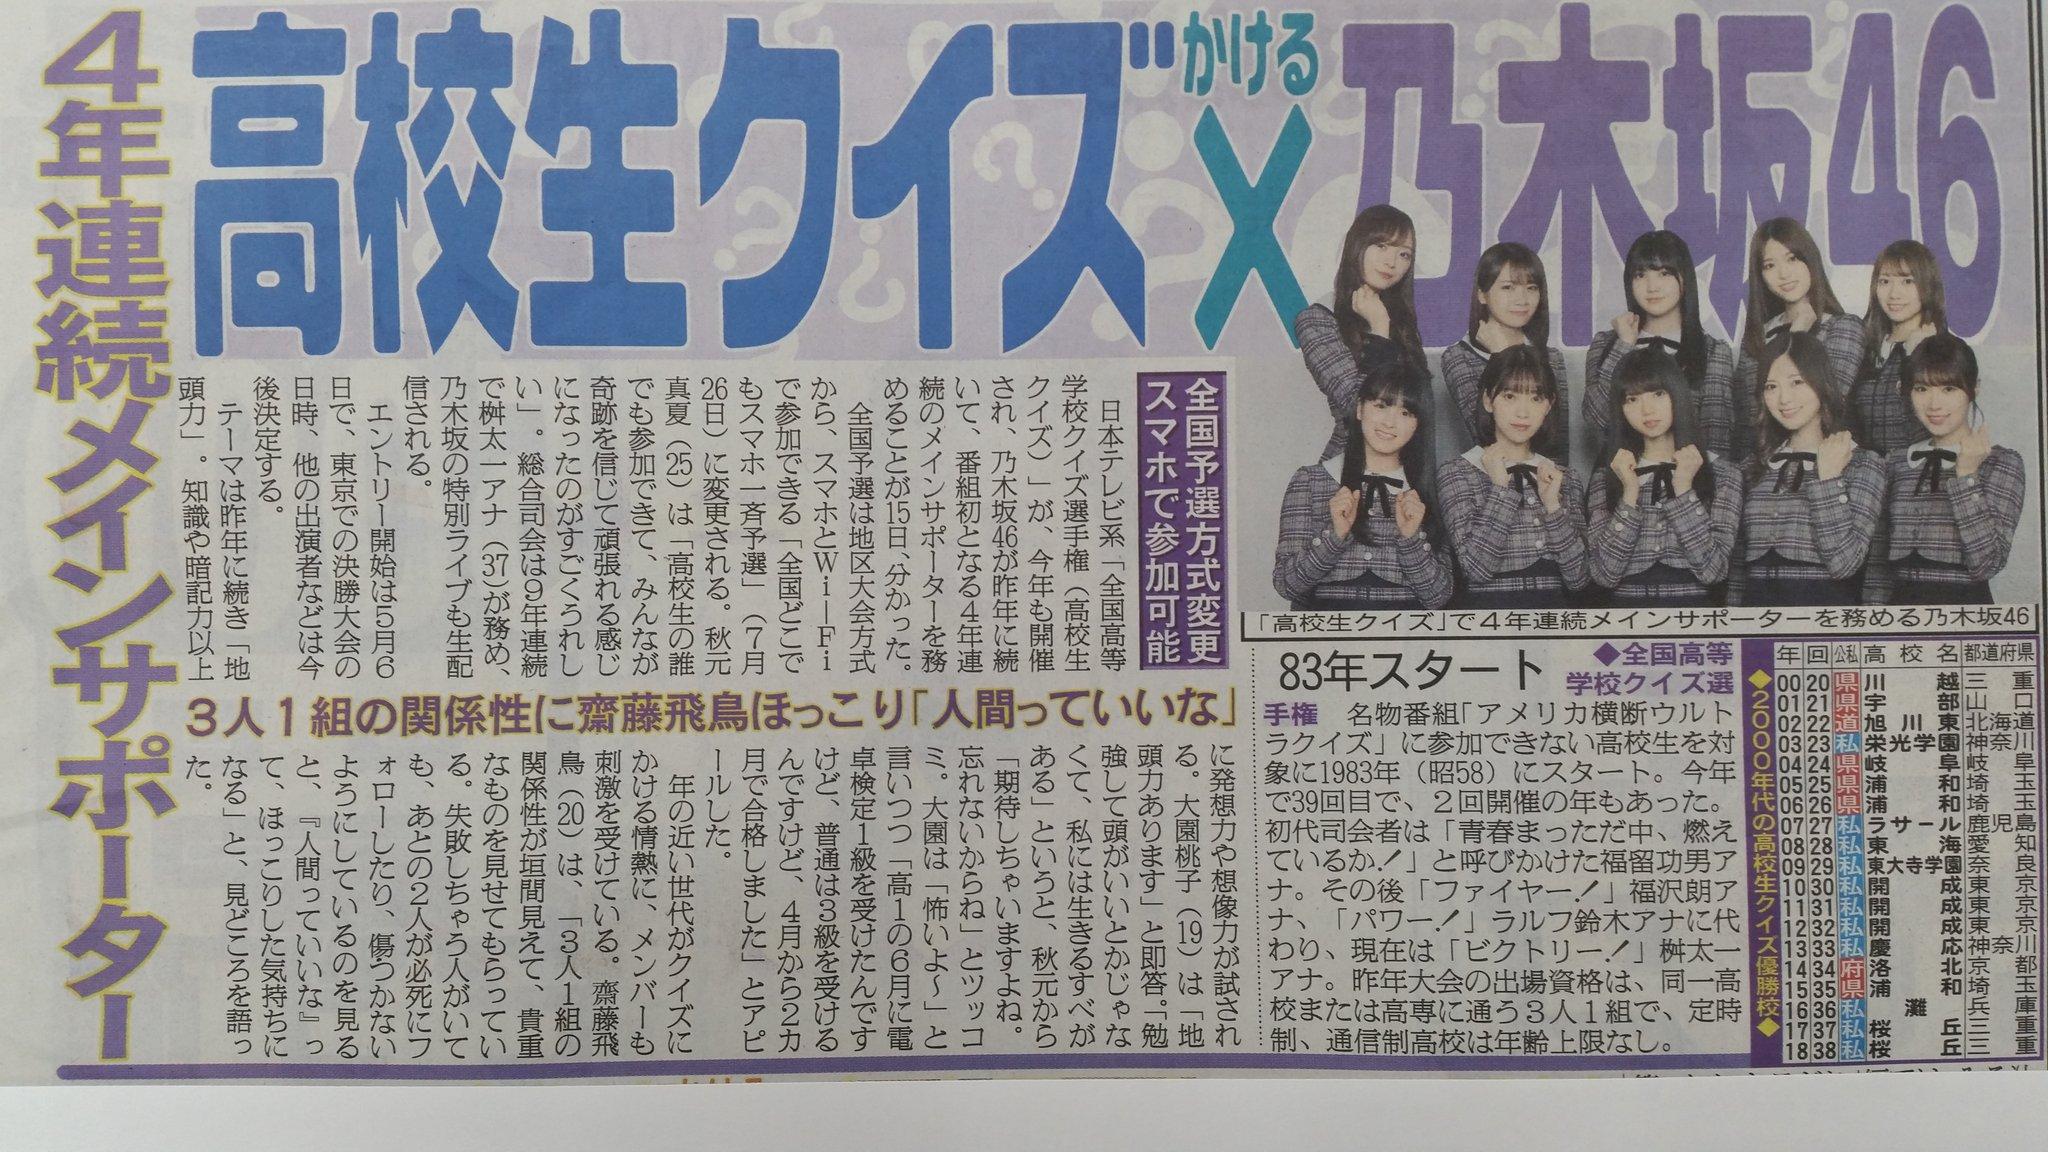 乃木坂46、「高校生クイズ」4年連続メインサポーター